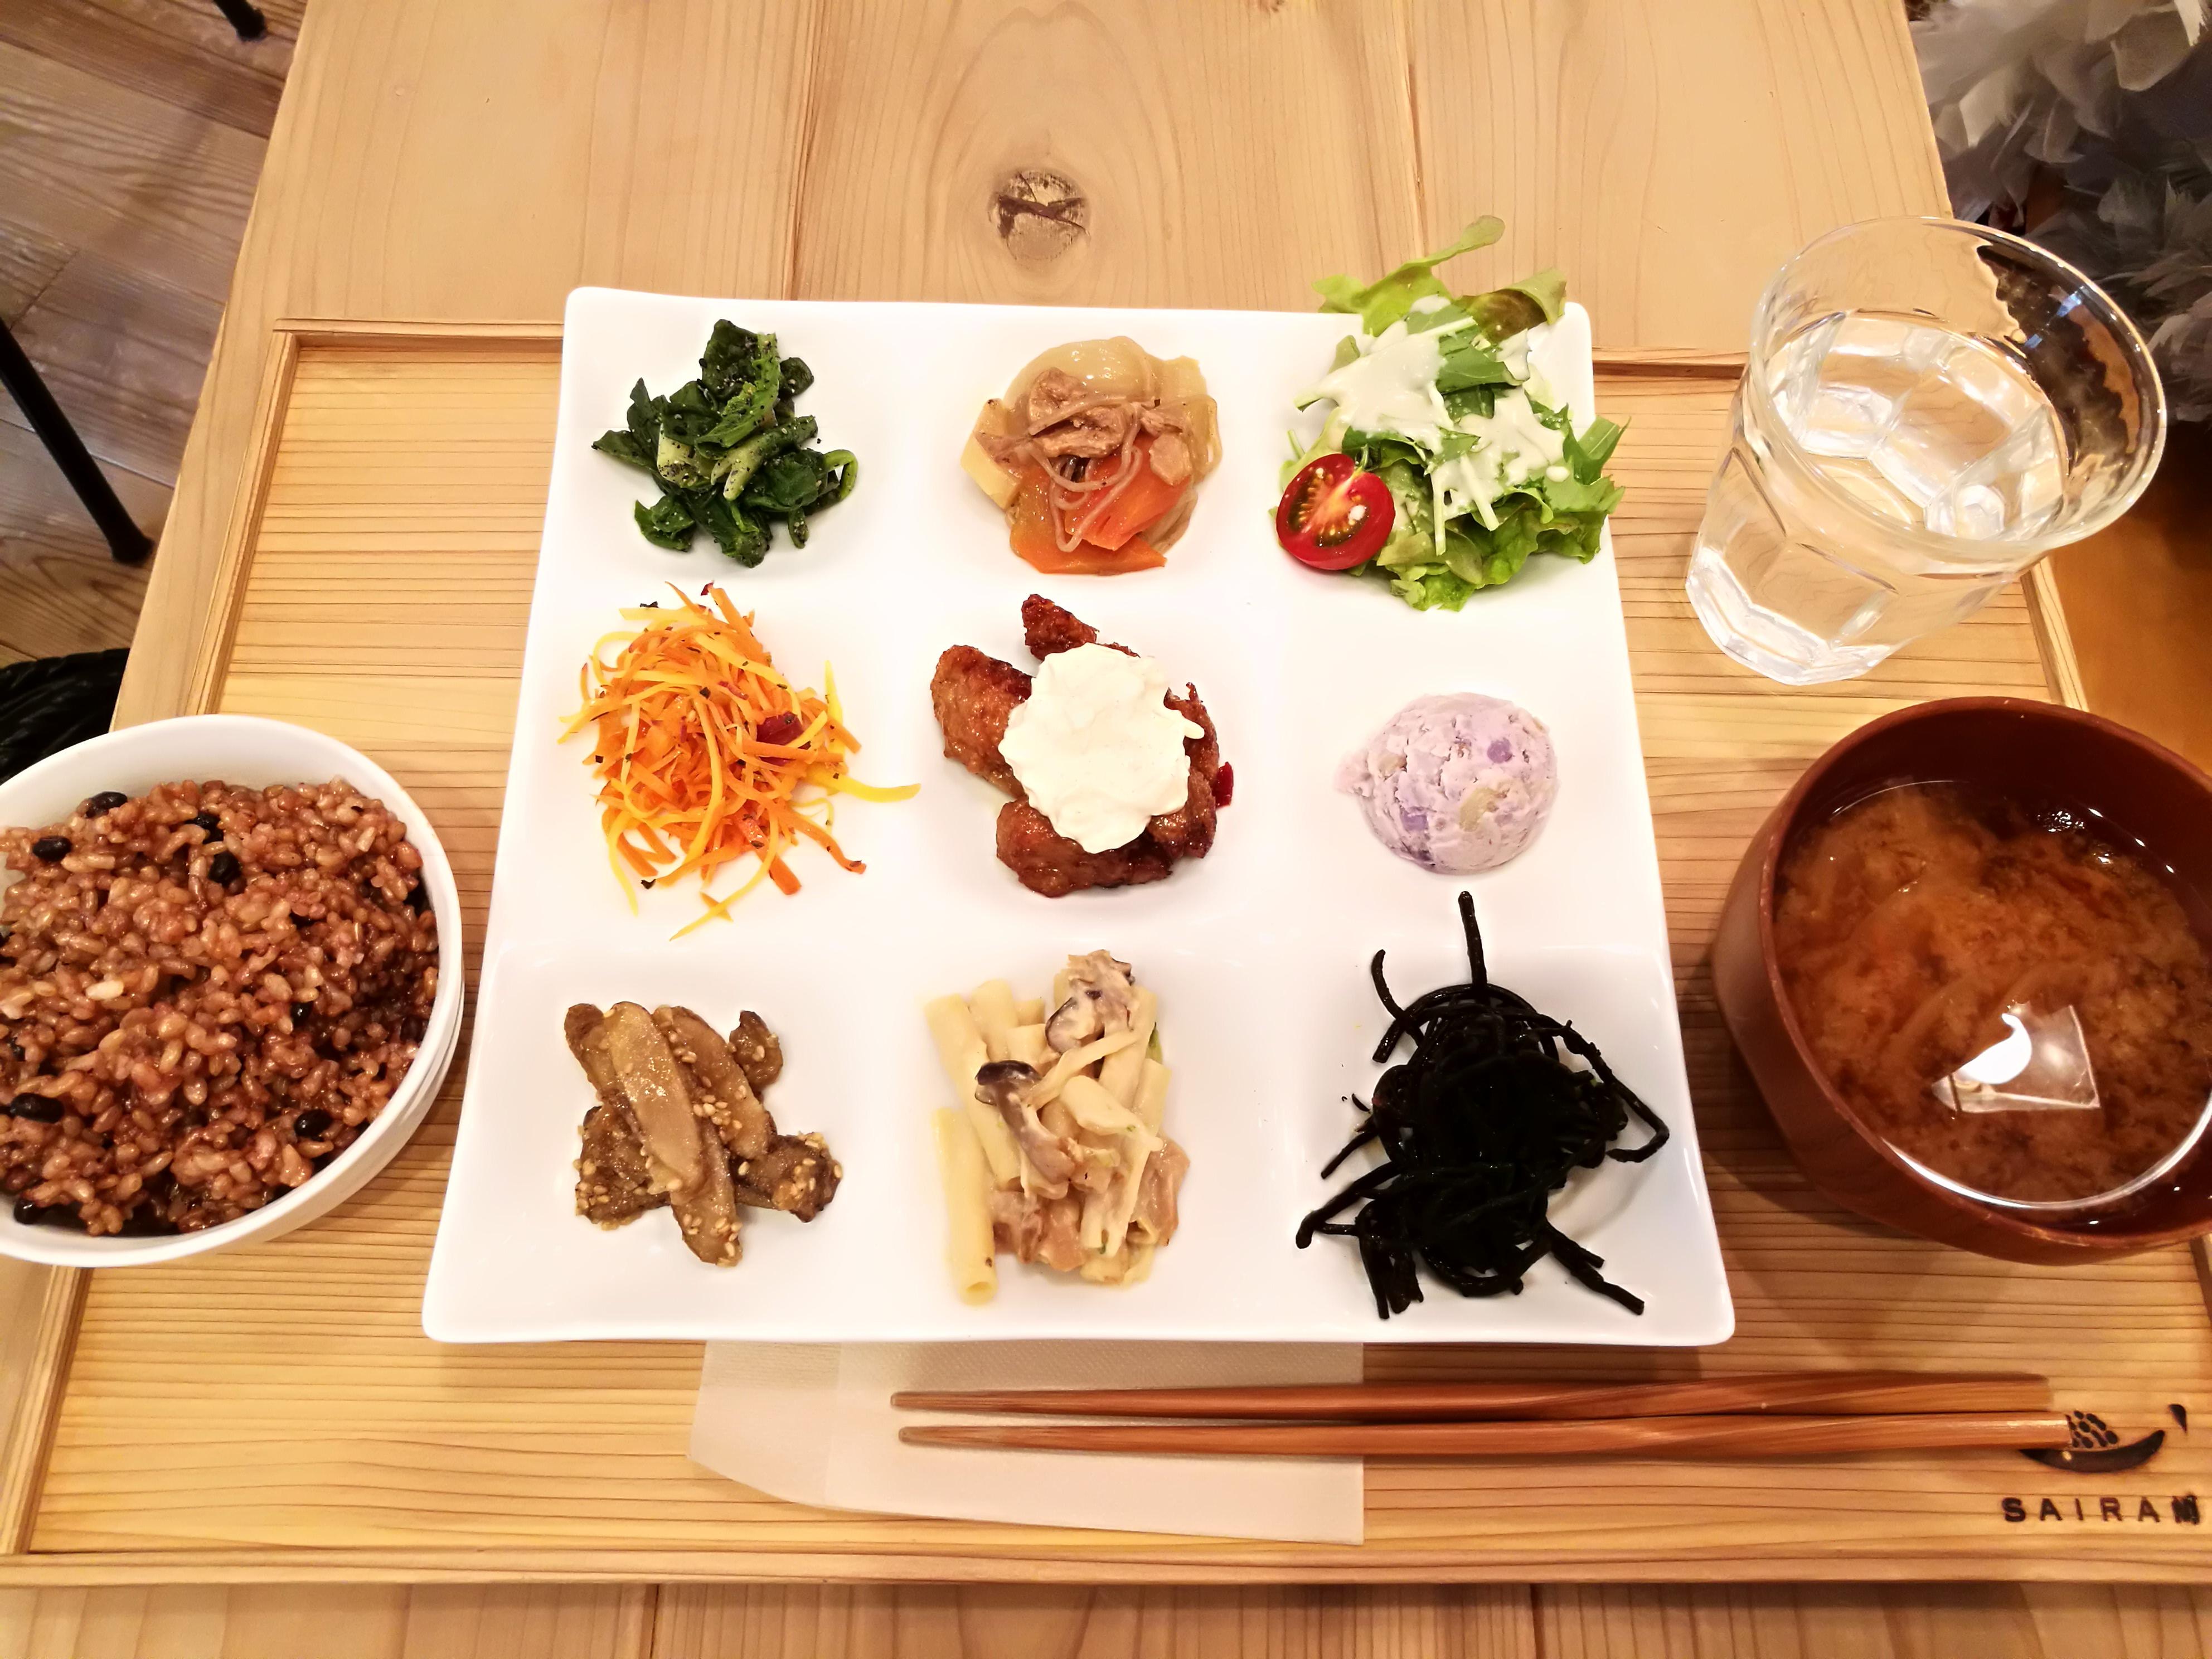 ヴィーガン料理『SAIRAM』で体に優しい「9種類のお惣菜」ランチ